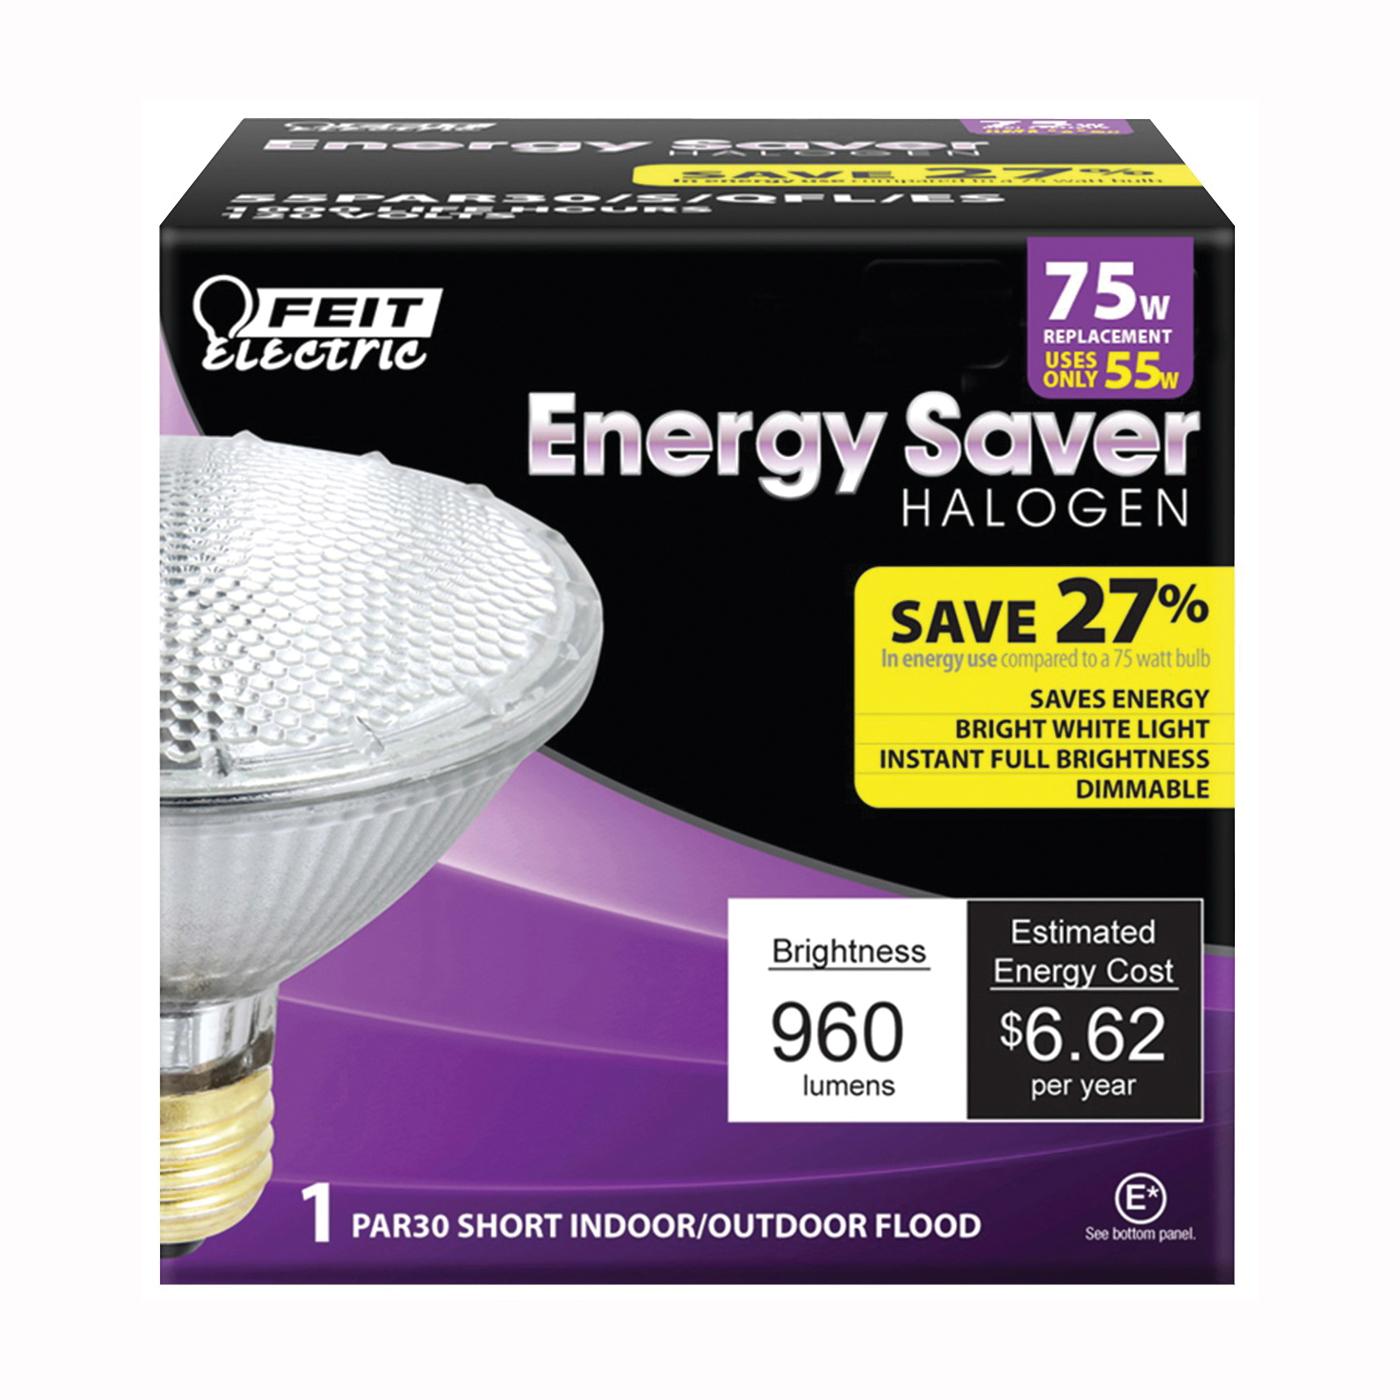 Picture of Feit Electric 55PAR30/S/QFL/ES Halogen Lamp, 55 W, Medium E26 Lamp Base, PAR30 Lamp, Soft White Light, 960 Lumens